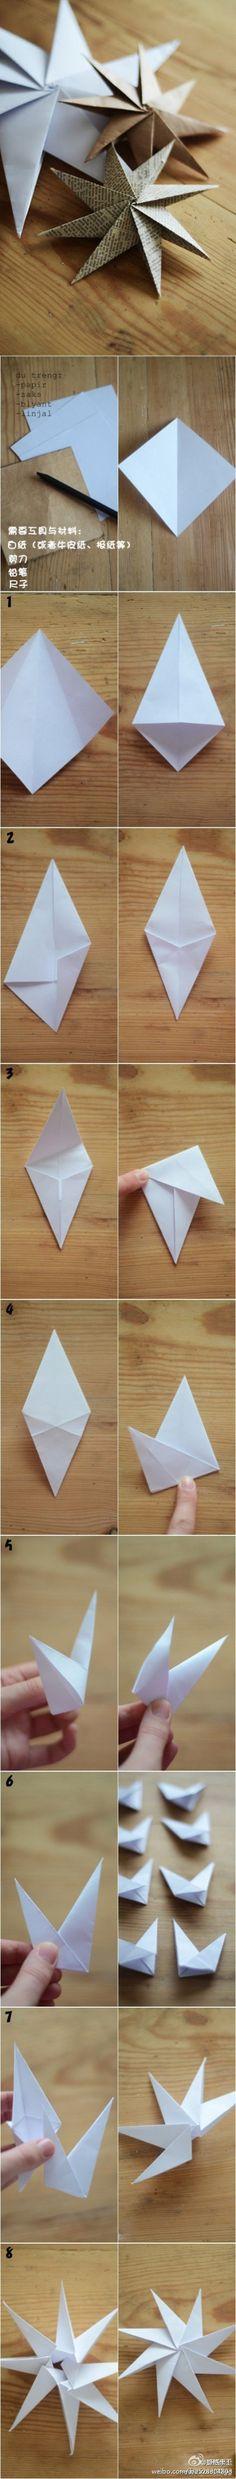 折纸八角星